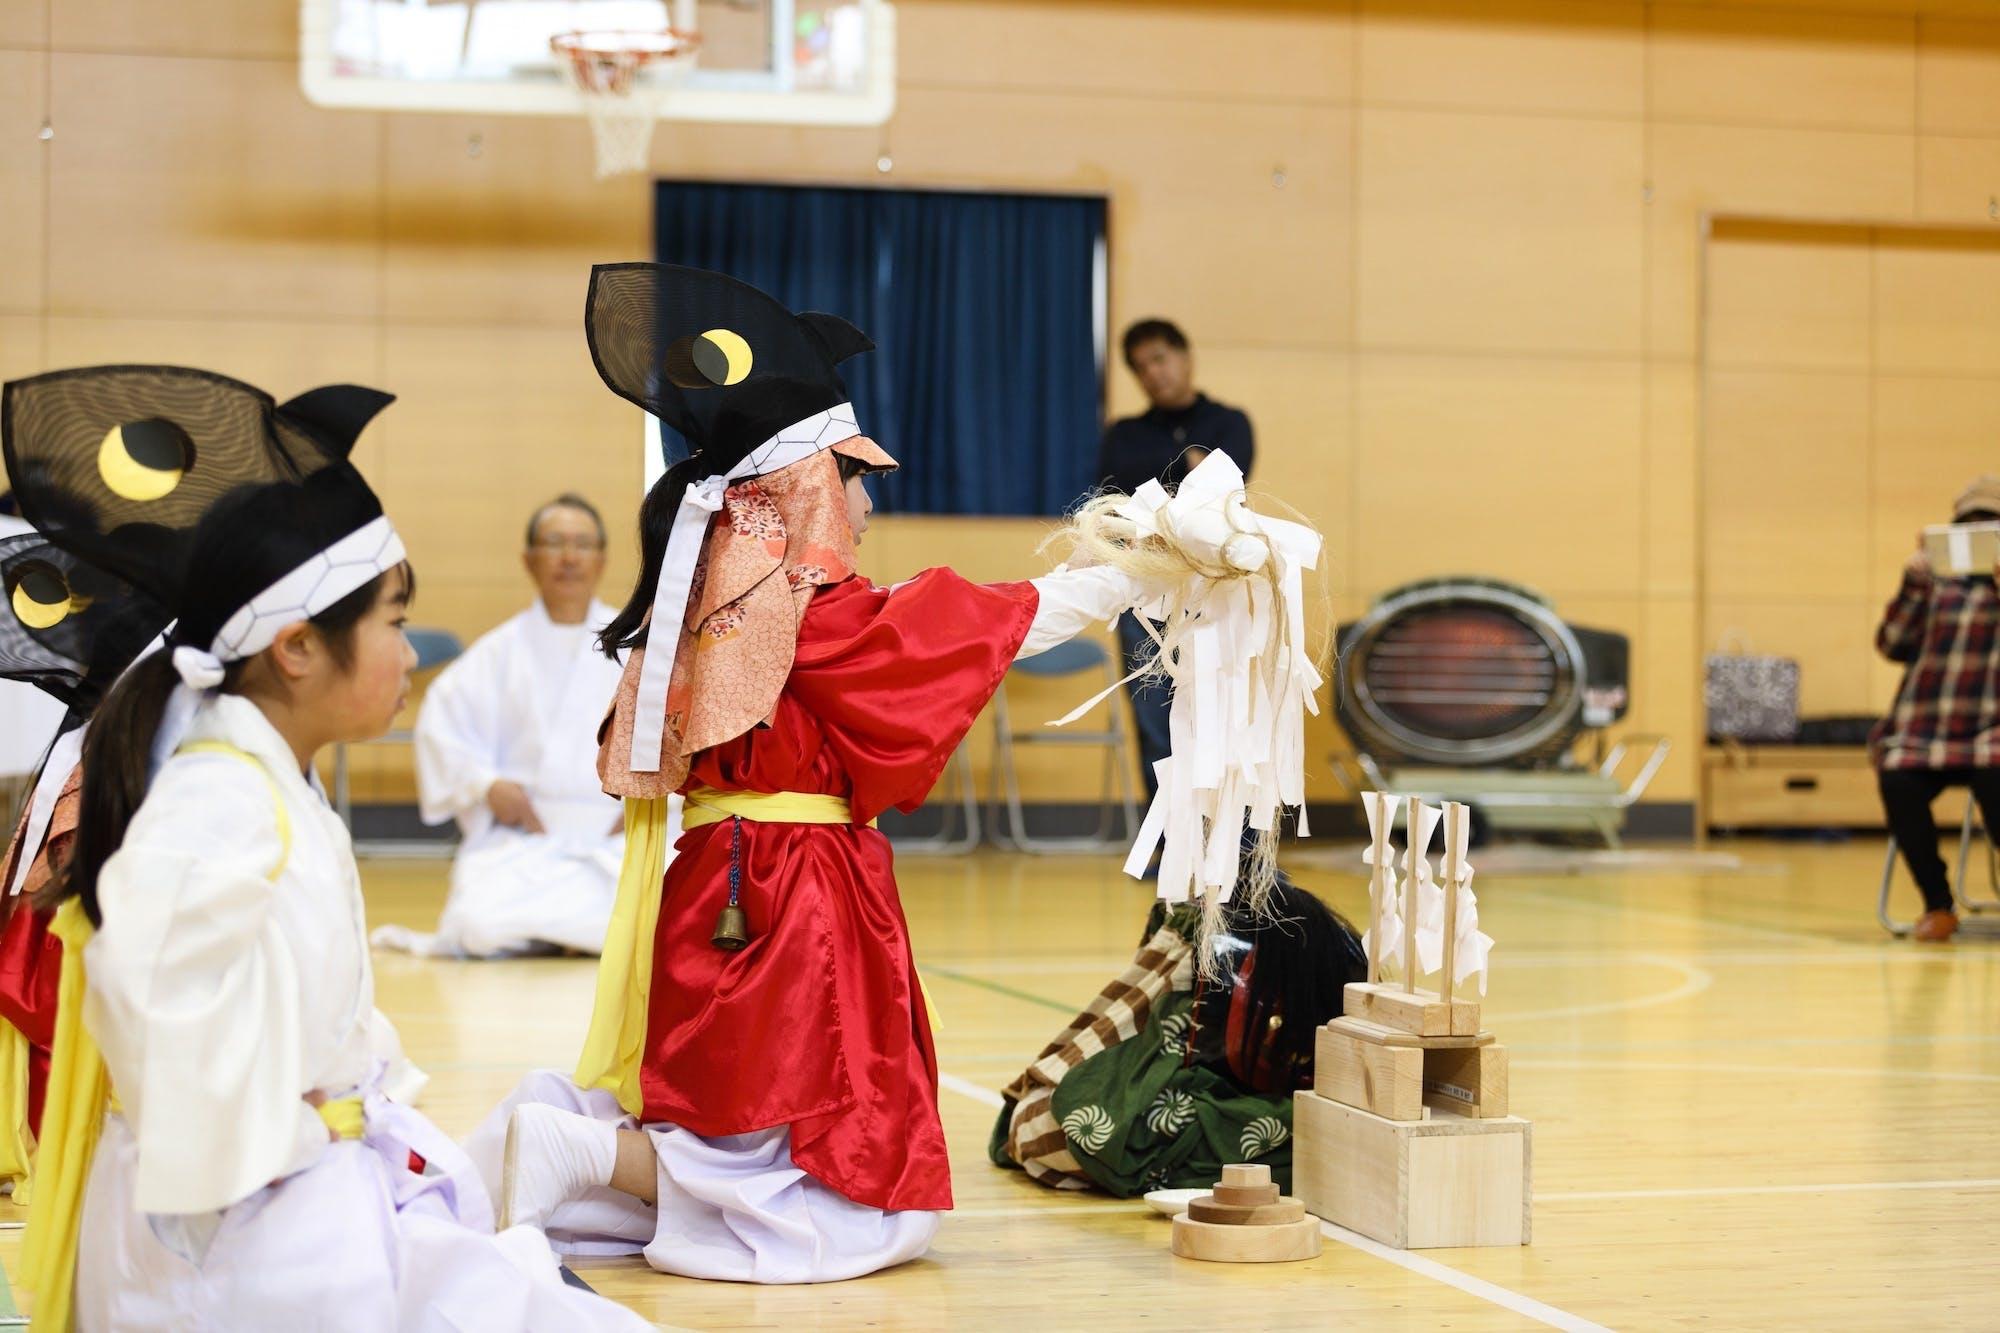 伊江小学校×坂元小学校 子ども芸能交流会(坂元小学校) photo:志鎌康平